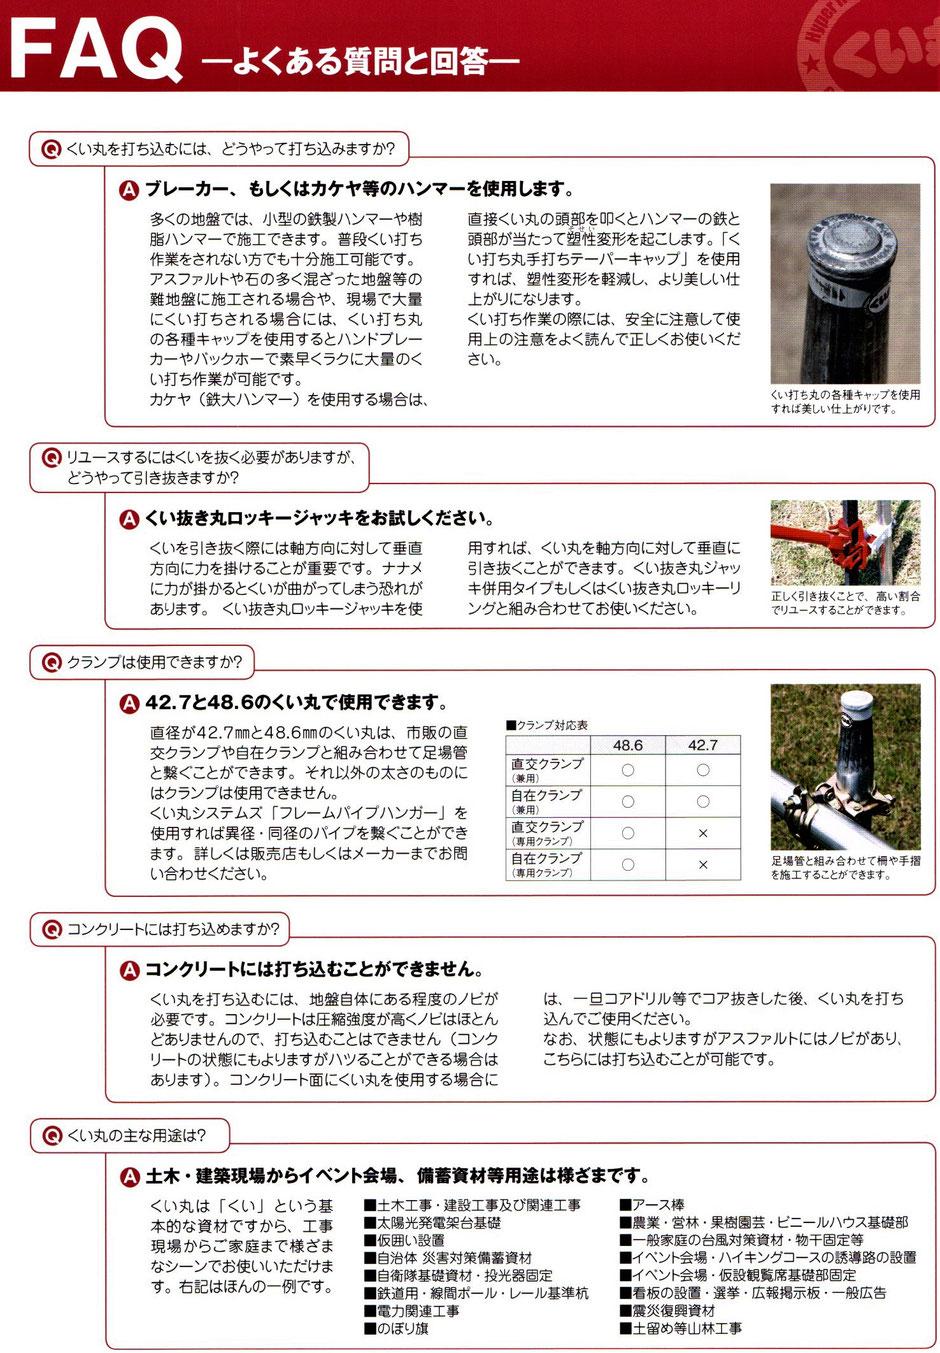 プロが使用している、本格的な土留用などの杭をご紹介するページです。当社では、本商品をご購入頂いた方には電動杭打ち機をレンタル致します。